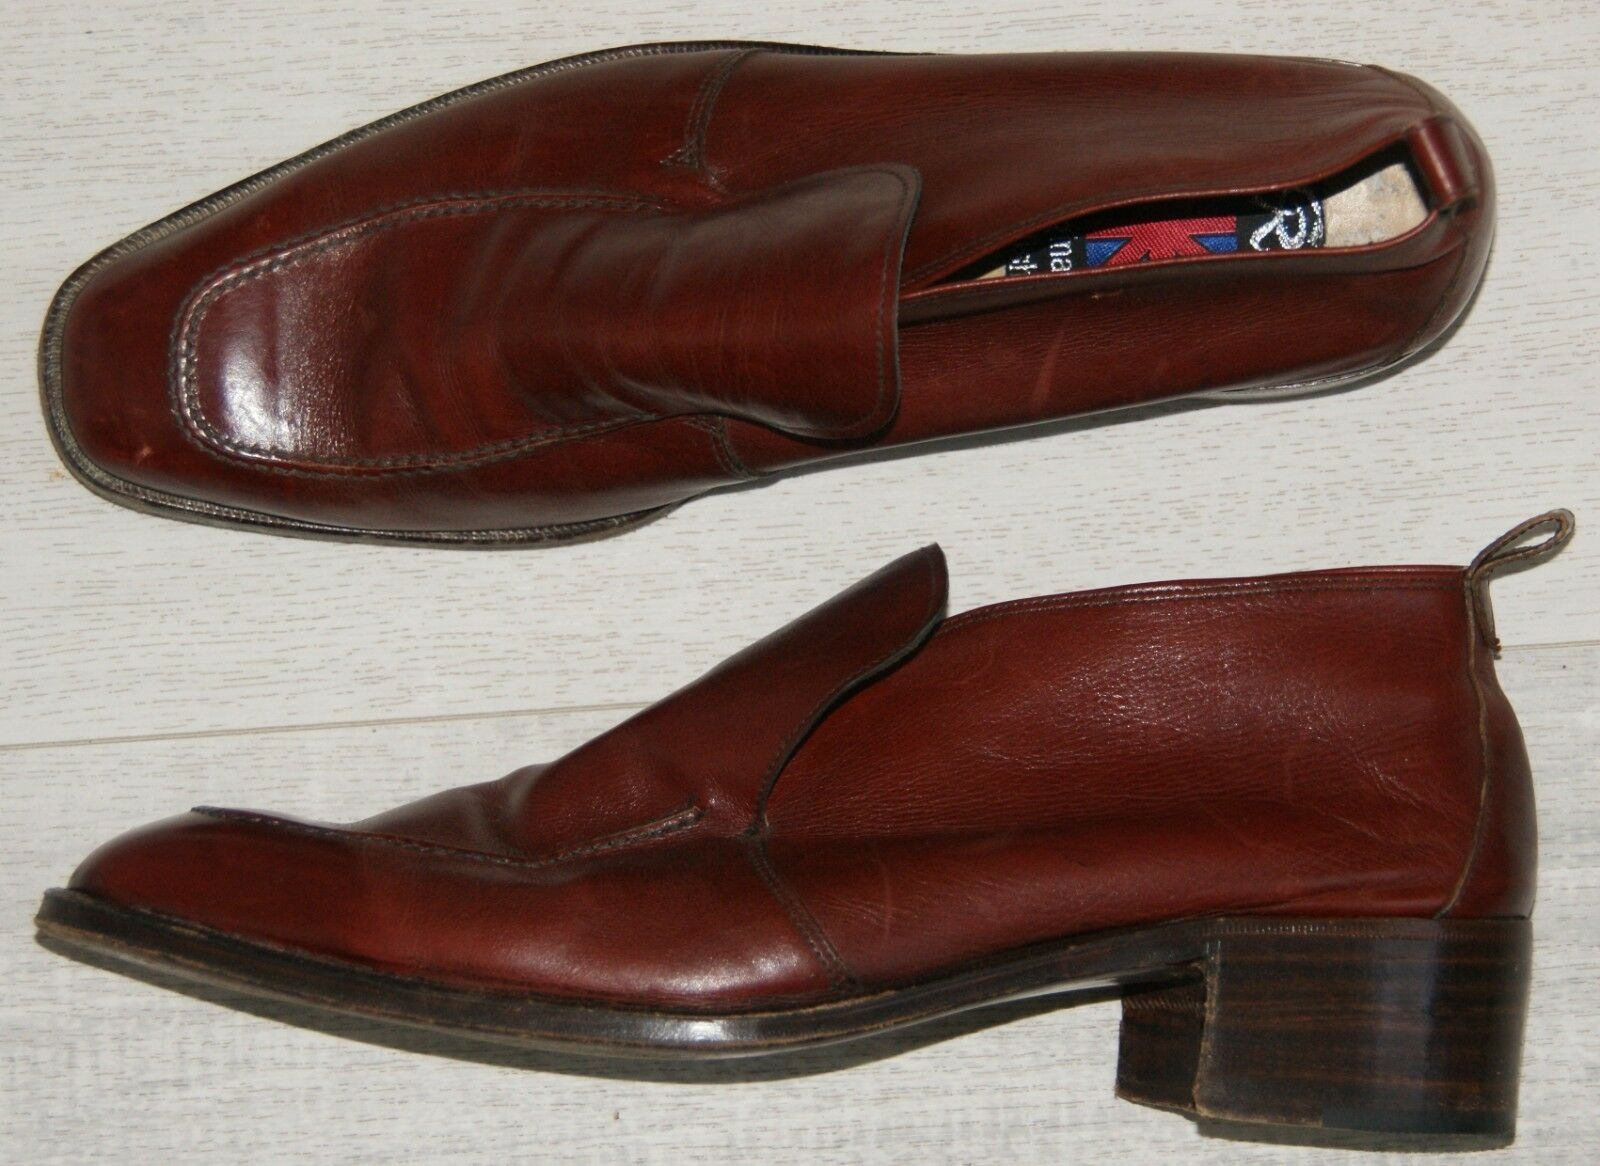 Señores Slipper por vía renal original English English English marrón Color marrón-rojizo talla 7 2d5c64